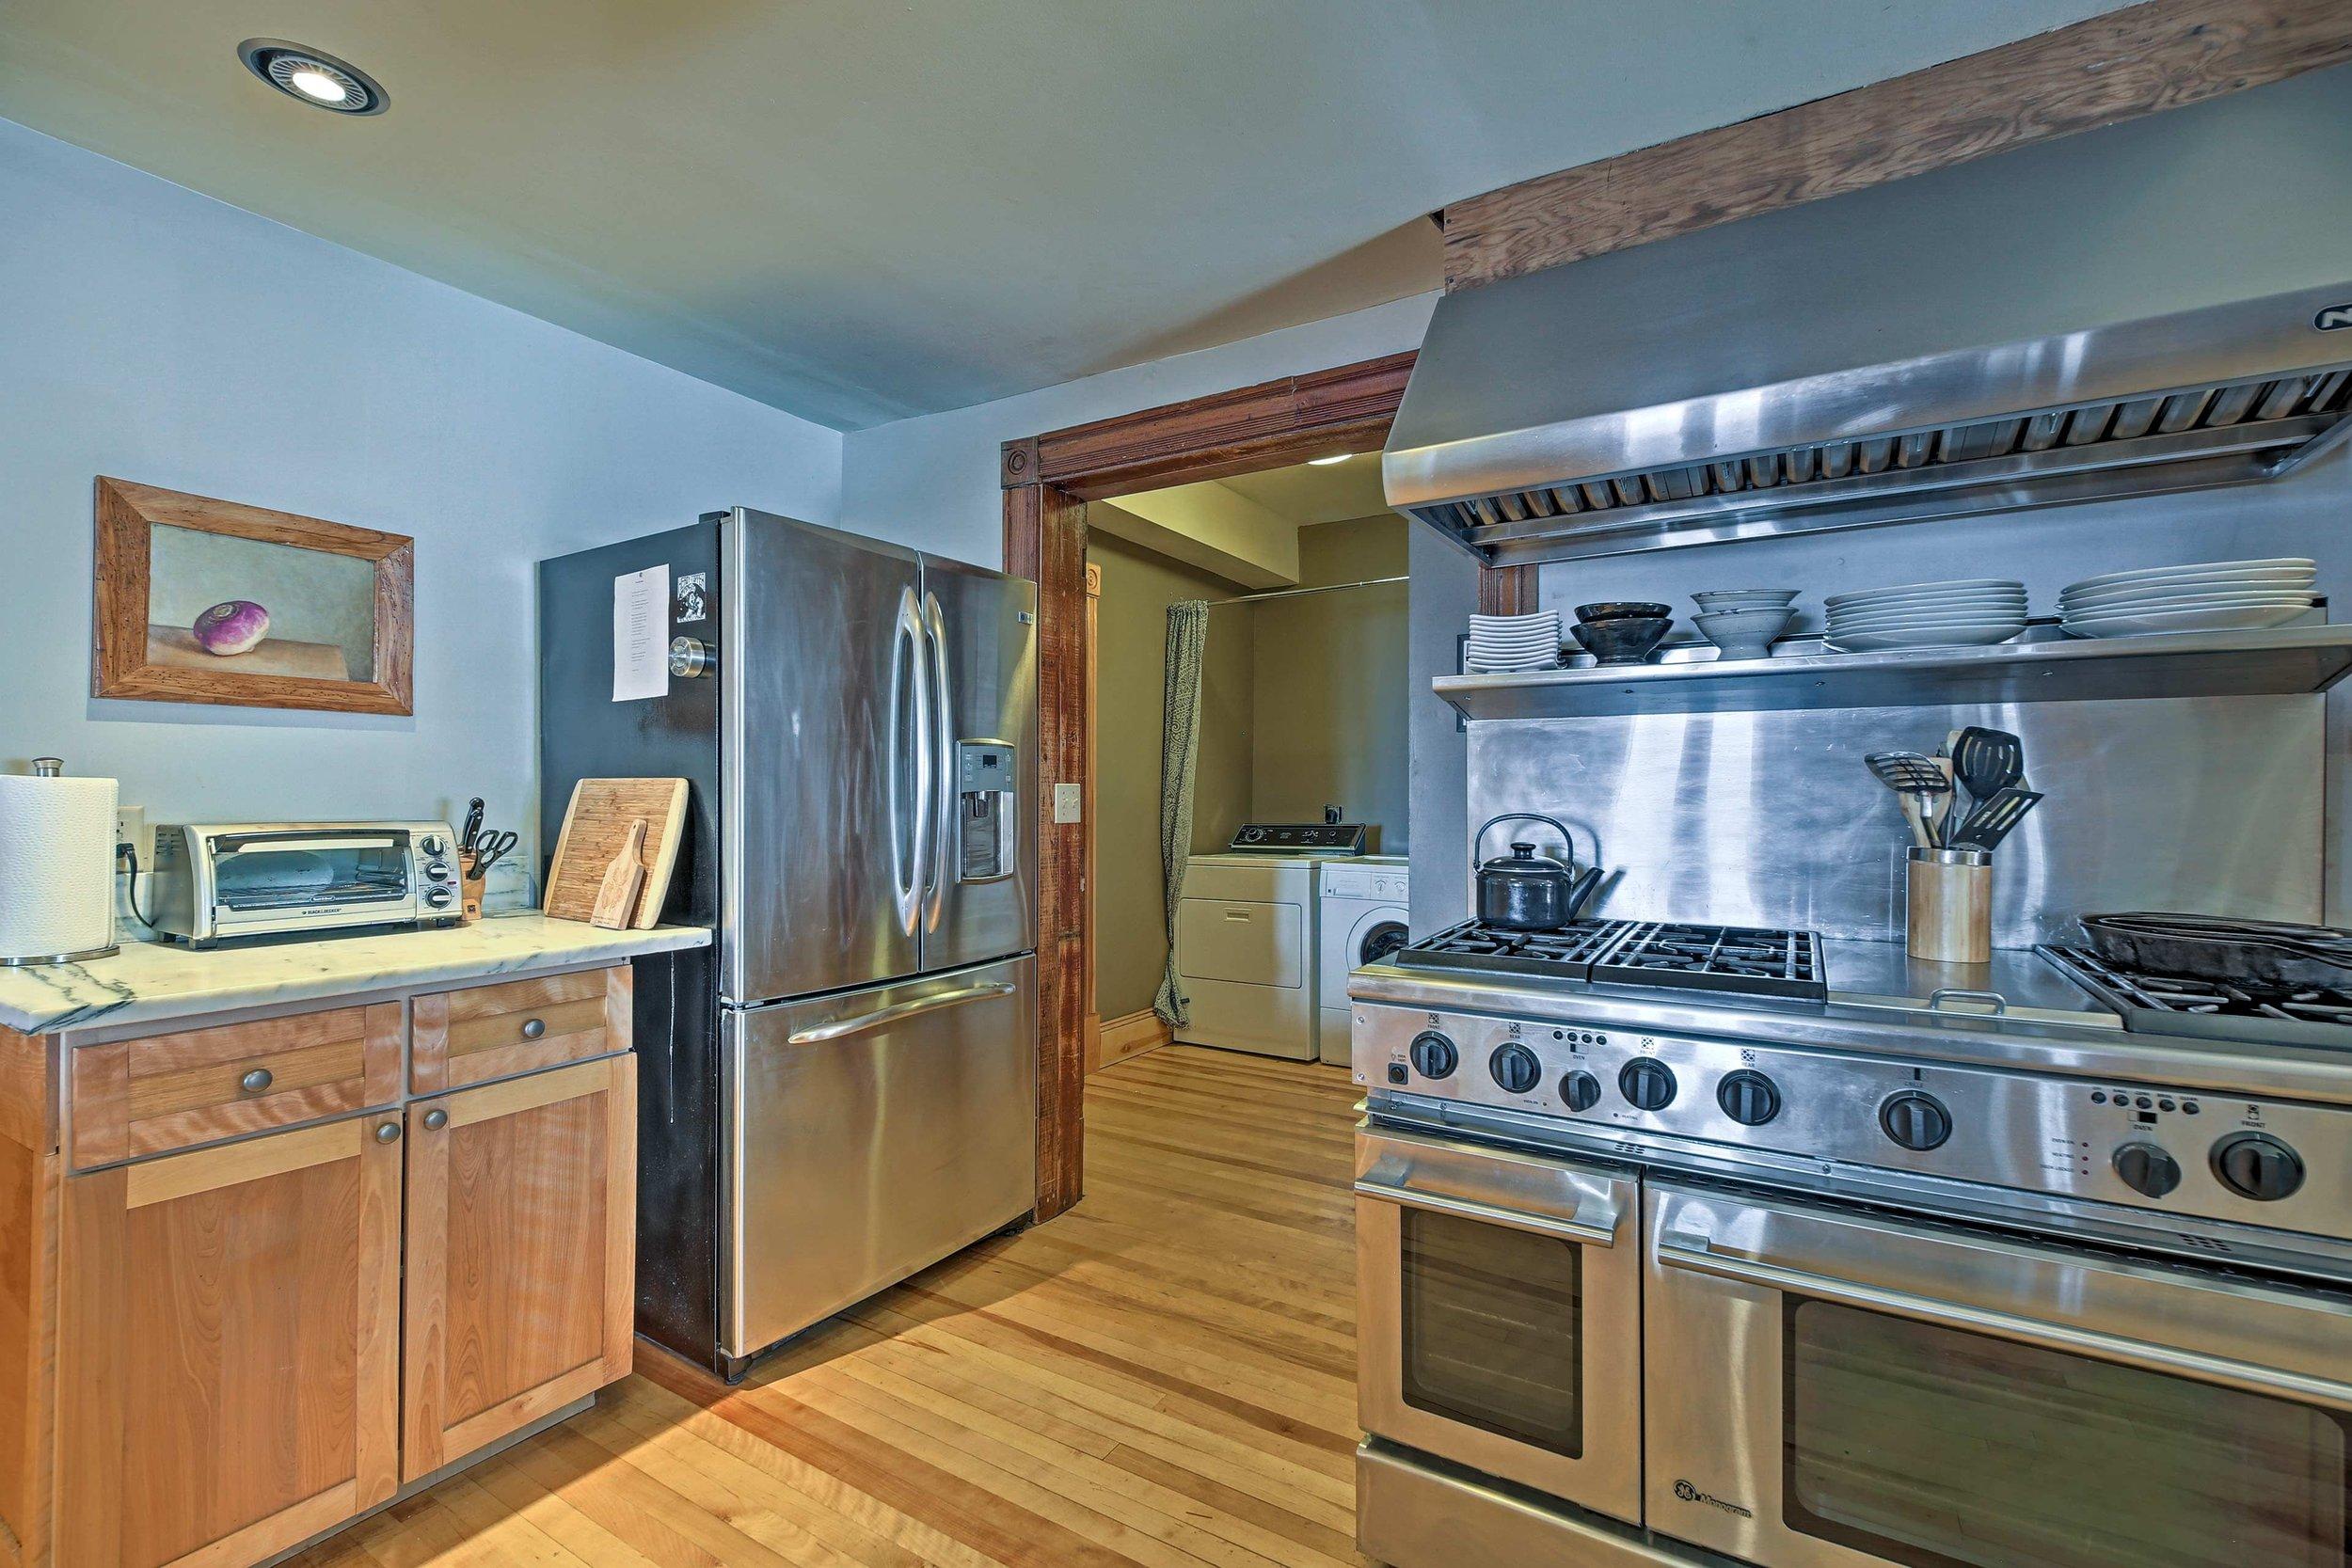 west kitchen 8.jpg